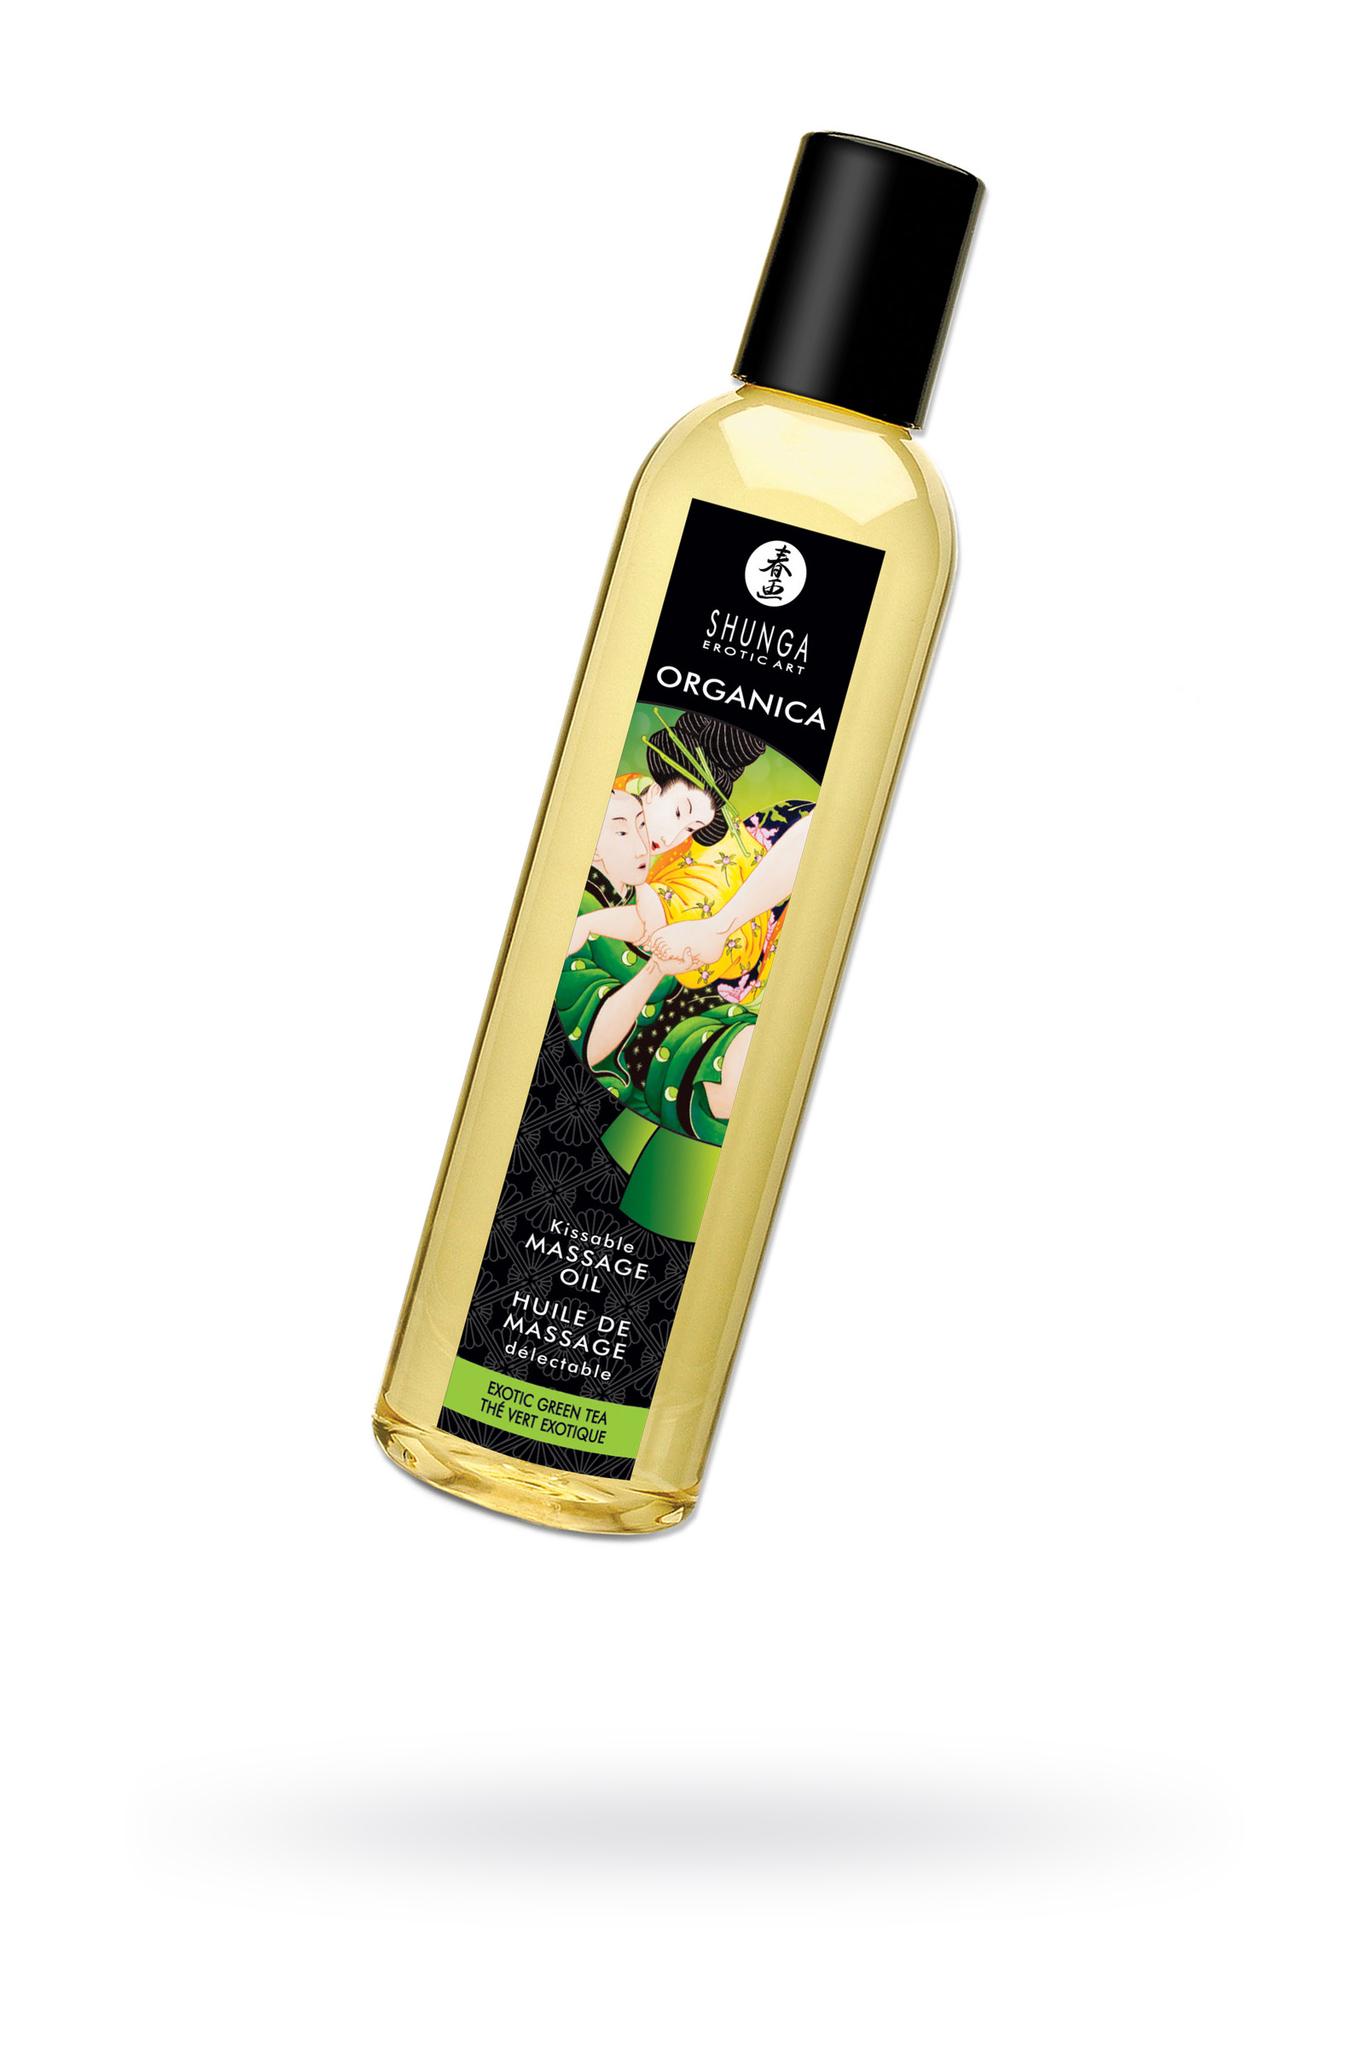 Масло для массажа Shunga Organica Exotic Green Tea, натуральное, с расслабляющим эффектом, с ароматом зелёного чая, 250 мл фото